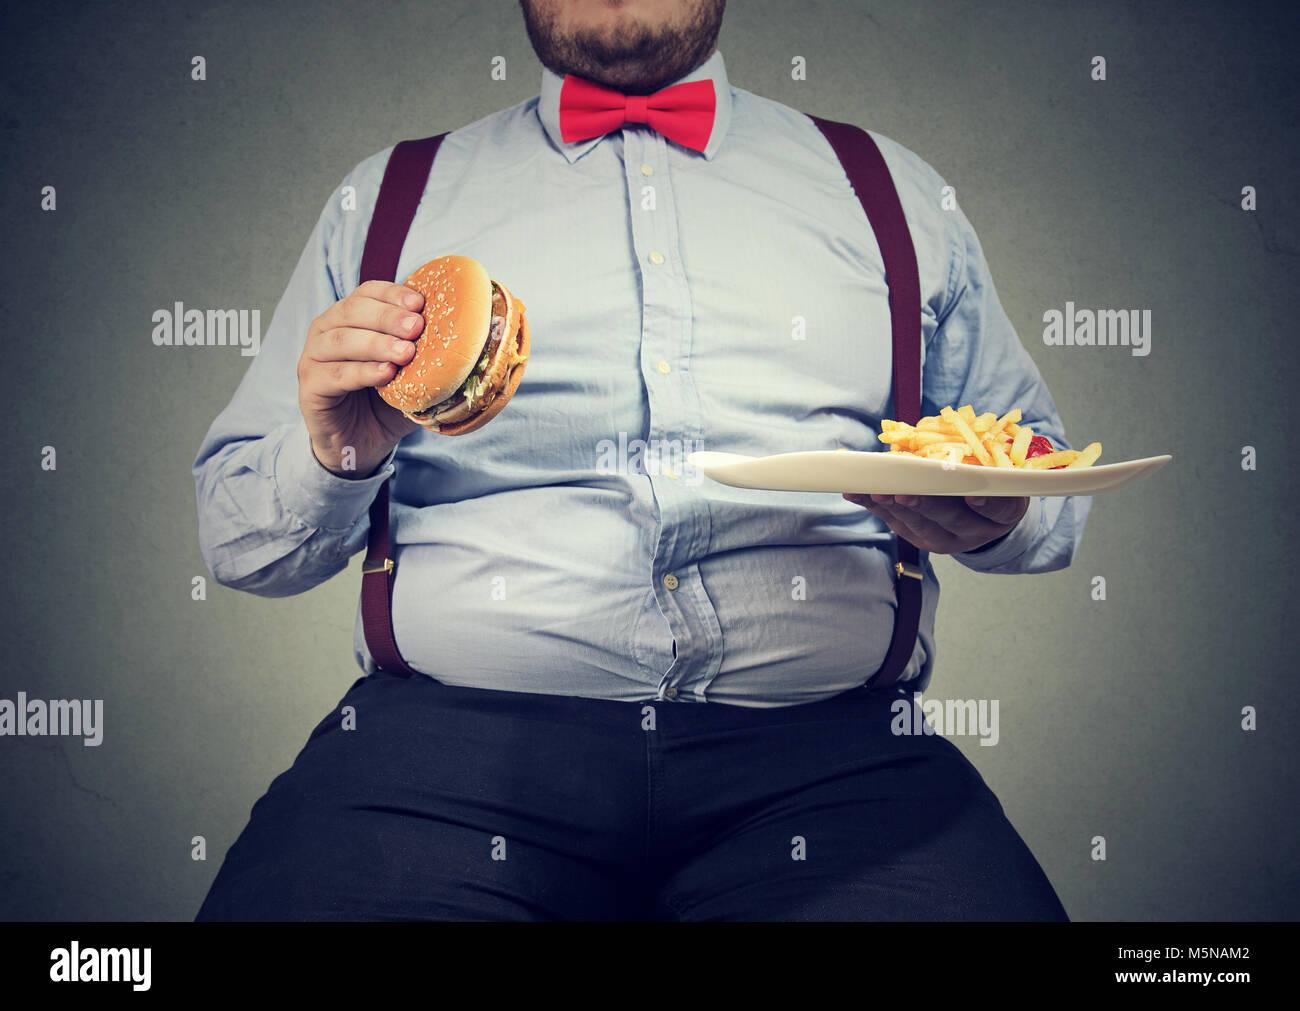 Erntegut Schuß von großer Mann in formelle Kleidung sitzen und konsumieren Platte mit Fast-food auf Grau. Stockbild